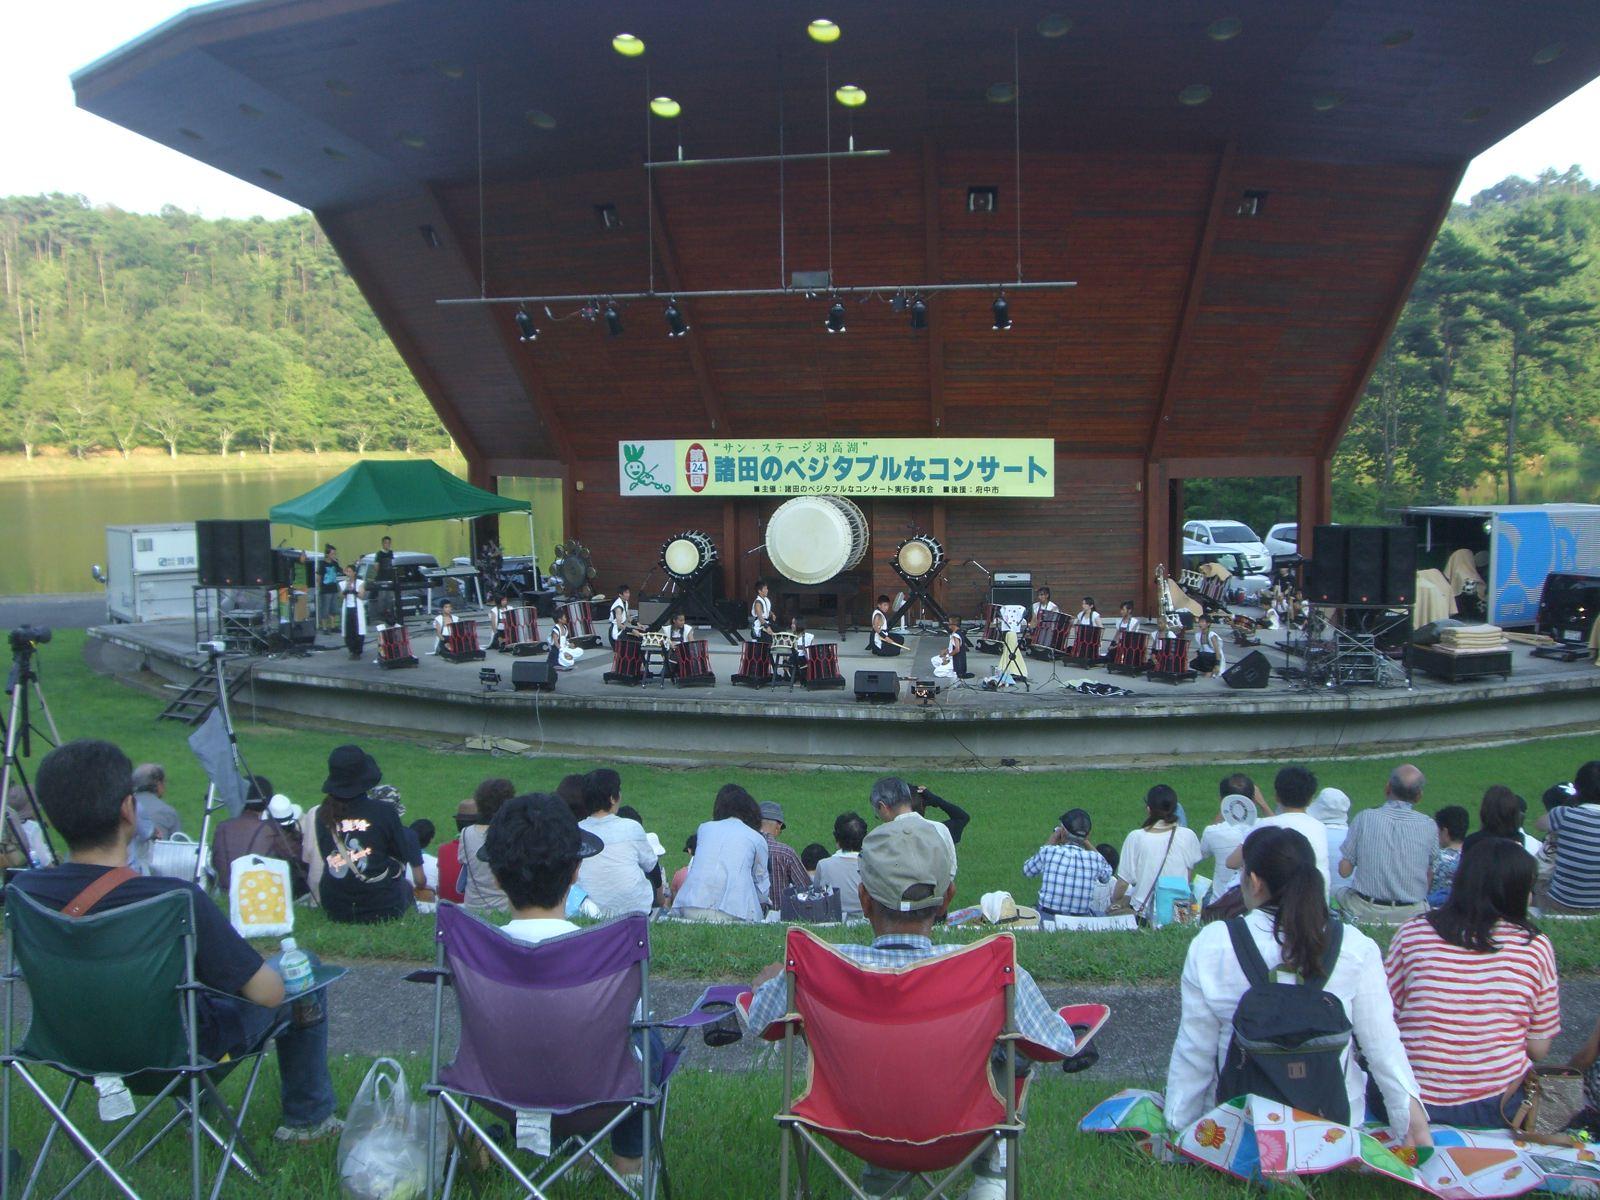 諸田のベジタブルなコンサート